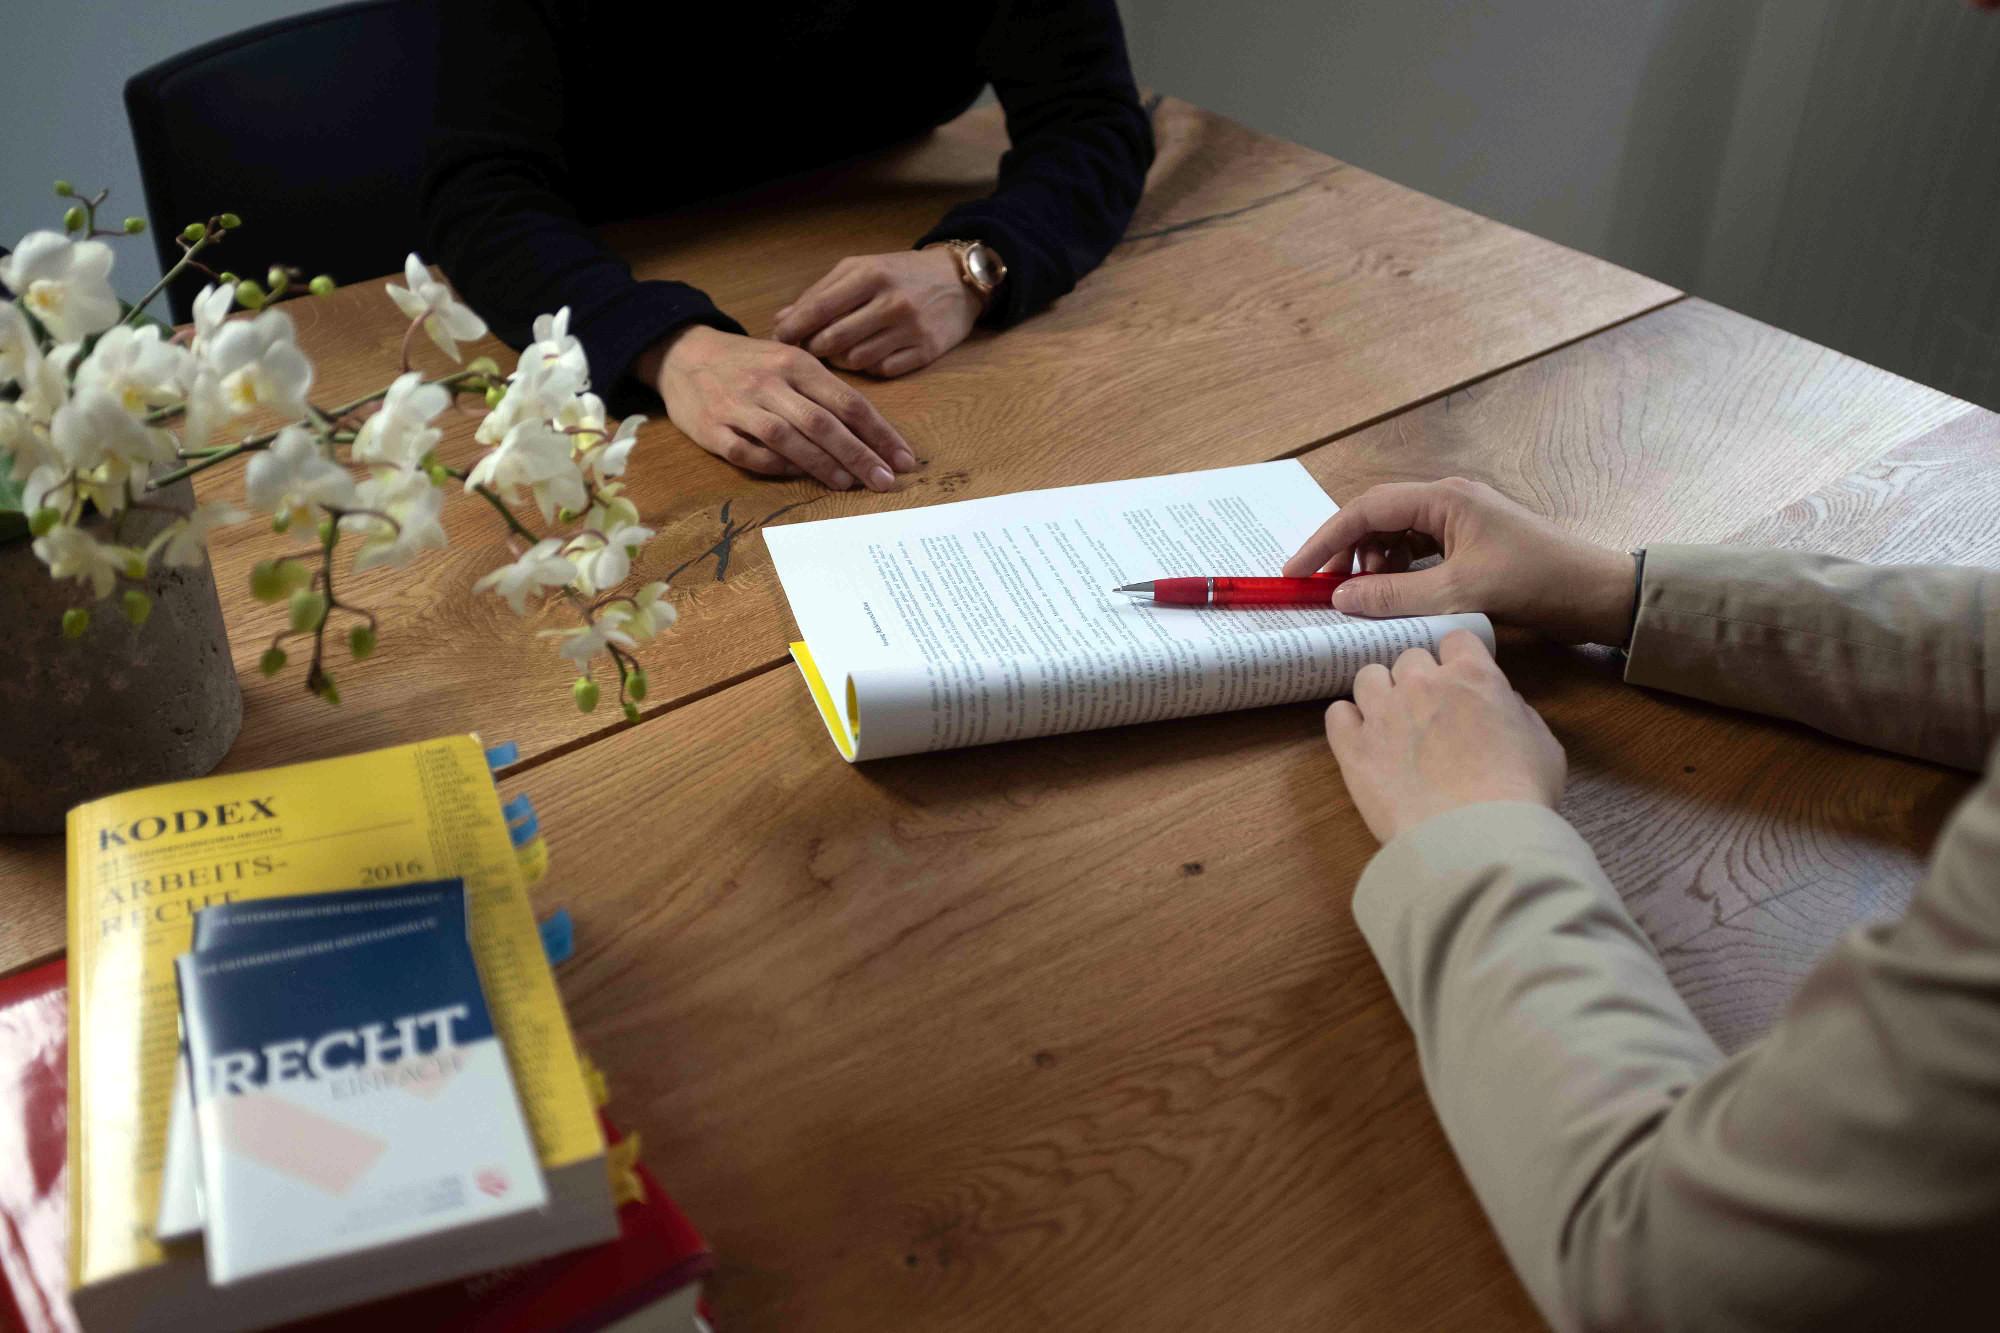 Rechtsanwalt Innsbruck Tirol! Vergütung nach rechtlichen Kriterien und Richtlinien in der Rechtsanwaltskanzlei Innsbruck Tirol, Mag. Anna Spiegl!